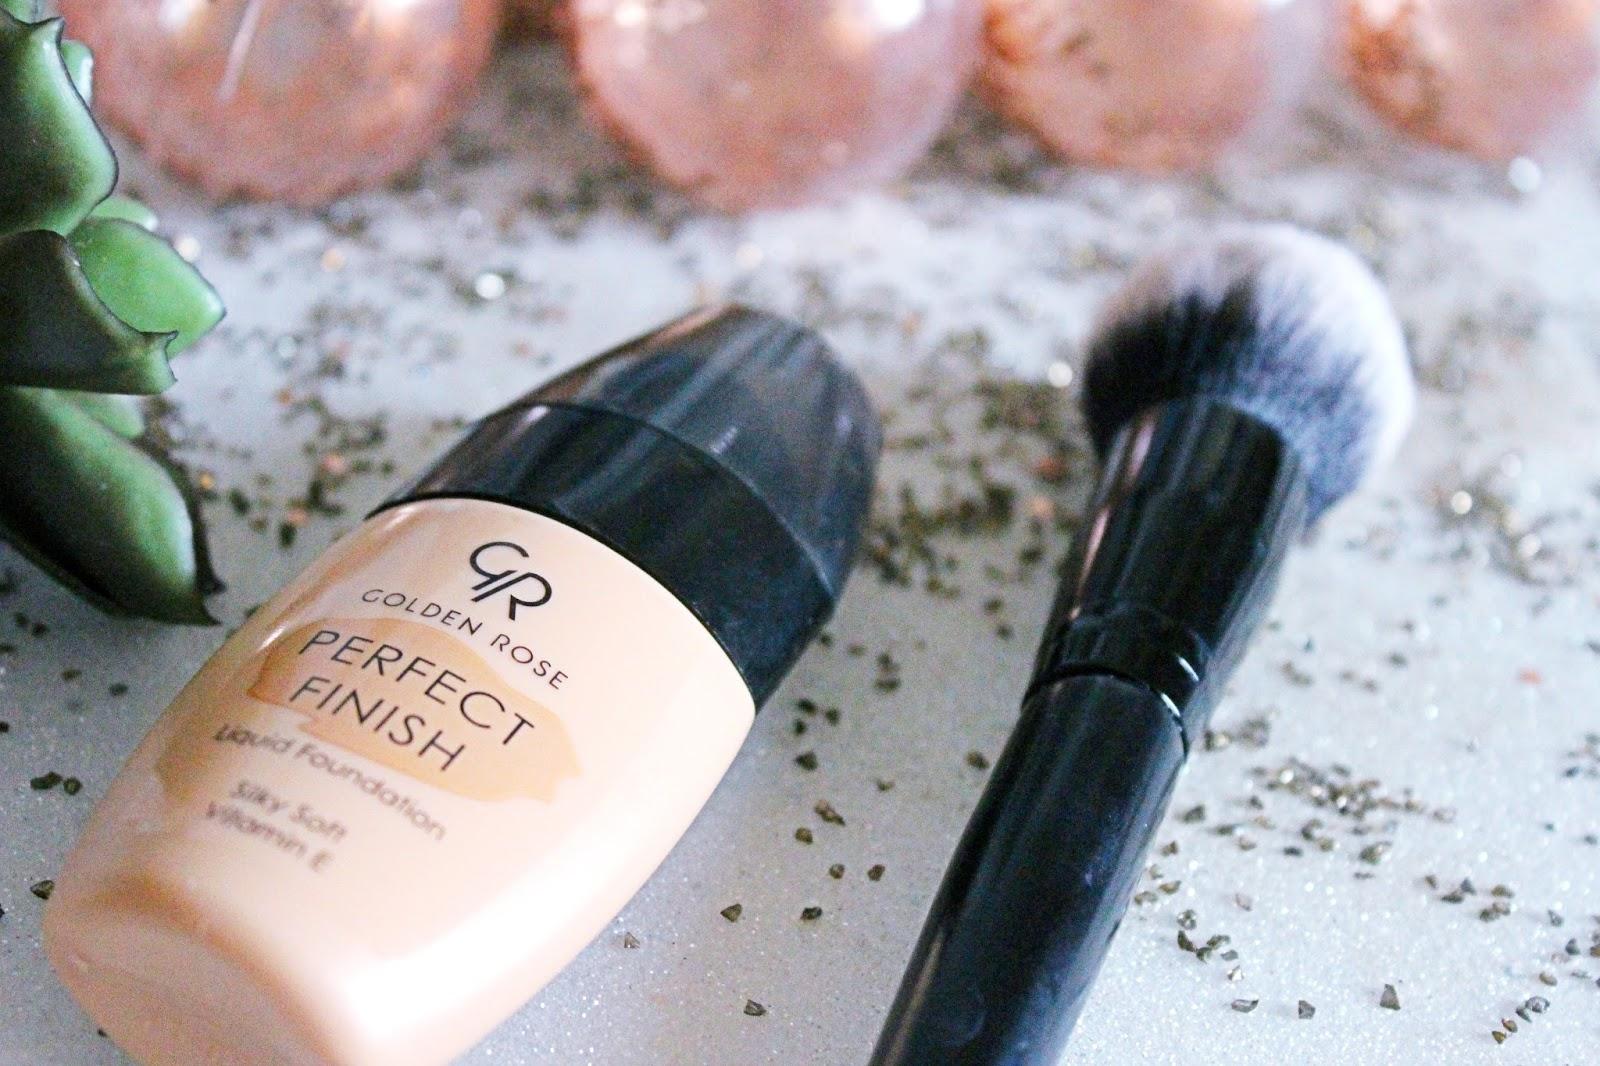 Perfect-Finish-Cookies-Makeup